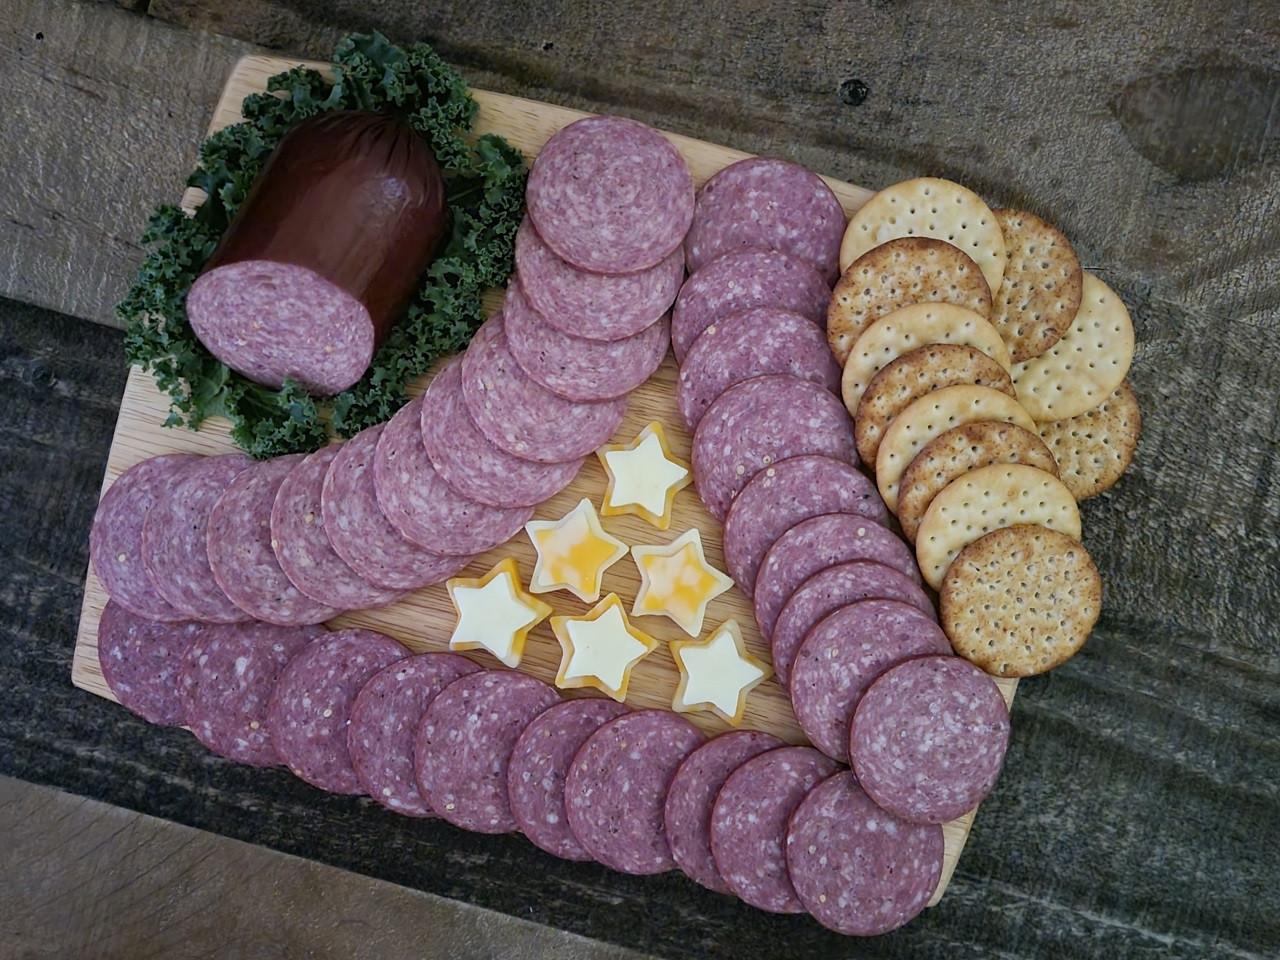 Silver Creek Wild Game Summer Sausage Sampler